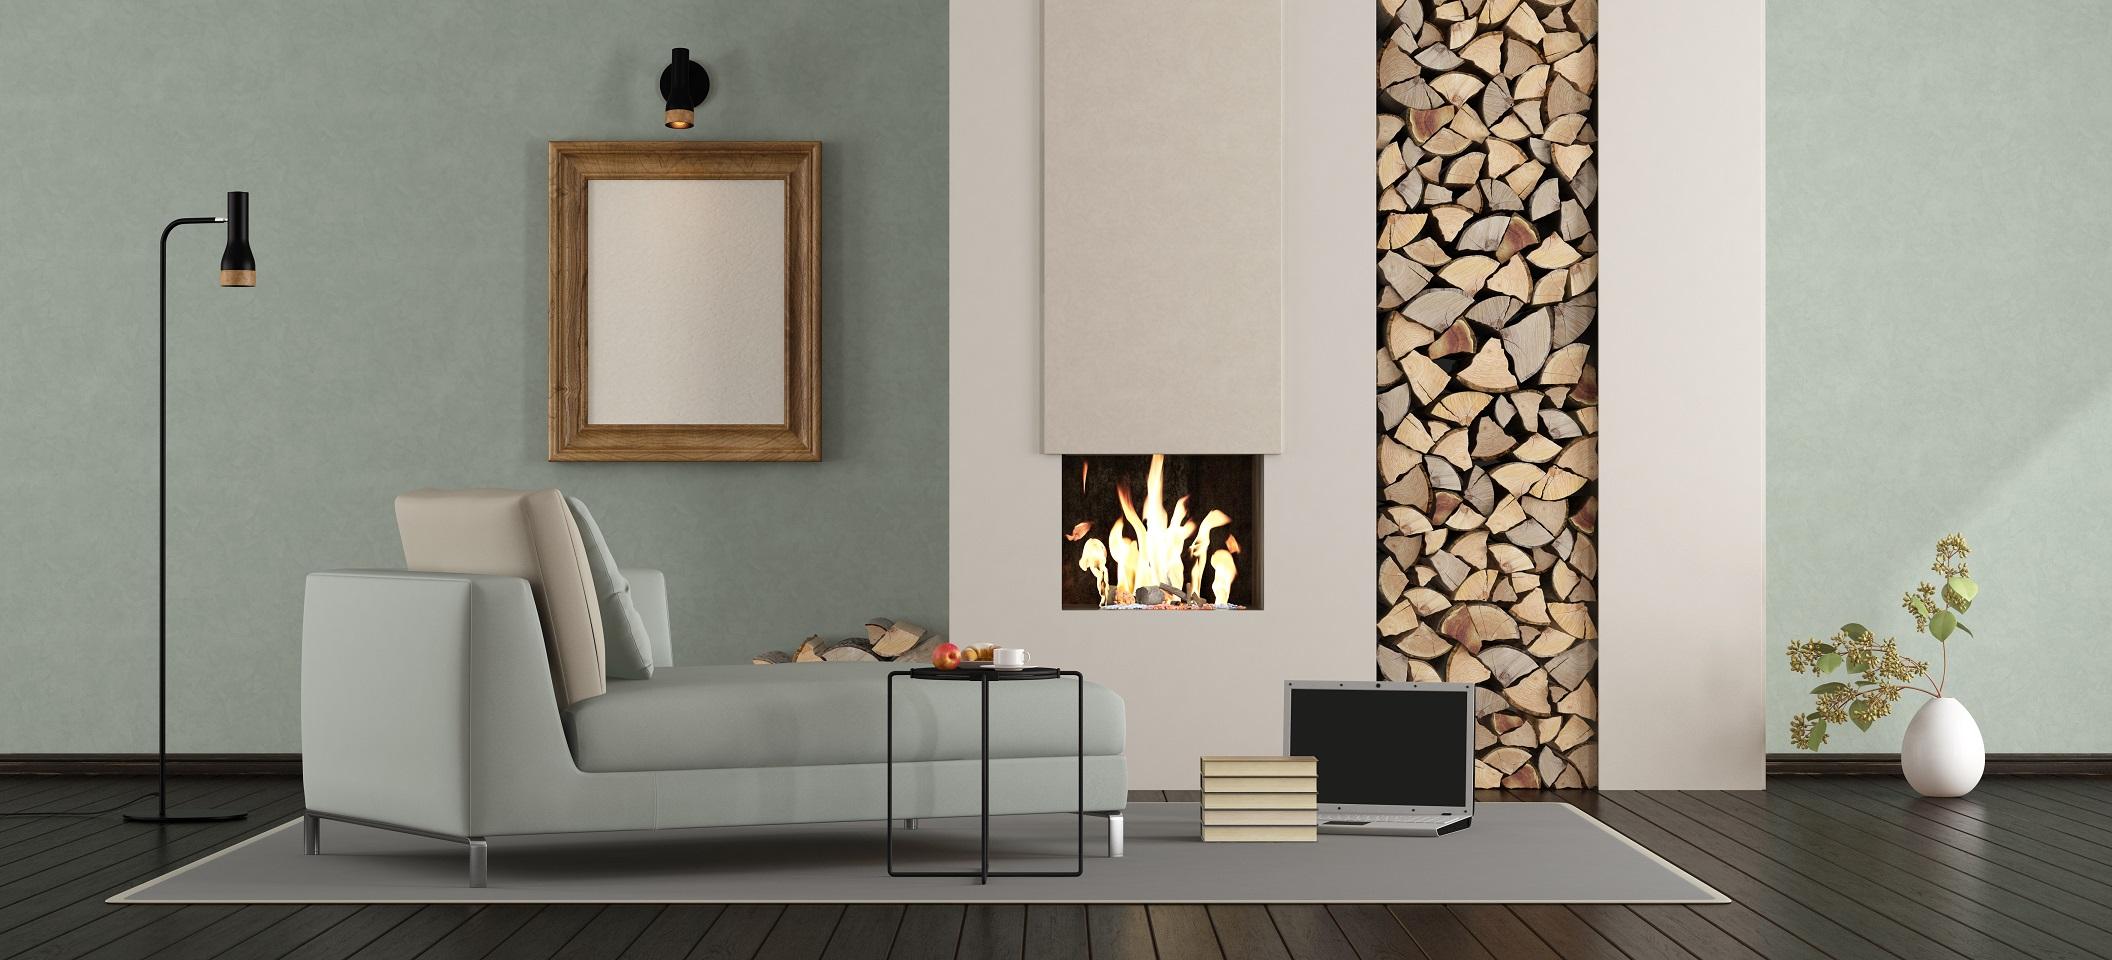 Mit Hilfe der 5 Elemente können Räume individuell gestaltet und ungünstige Situationen beim Wohnen verbessert werden.